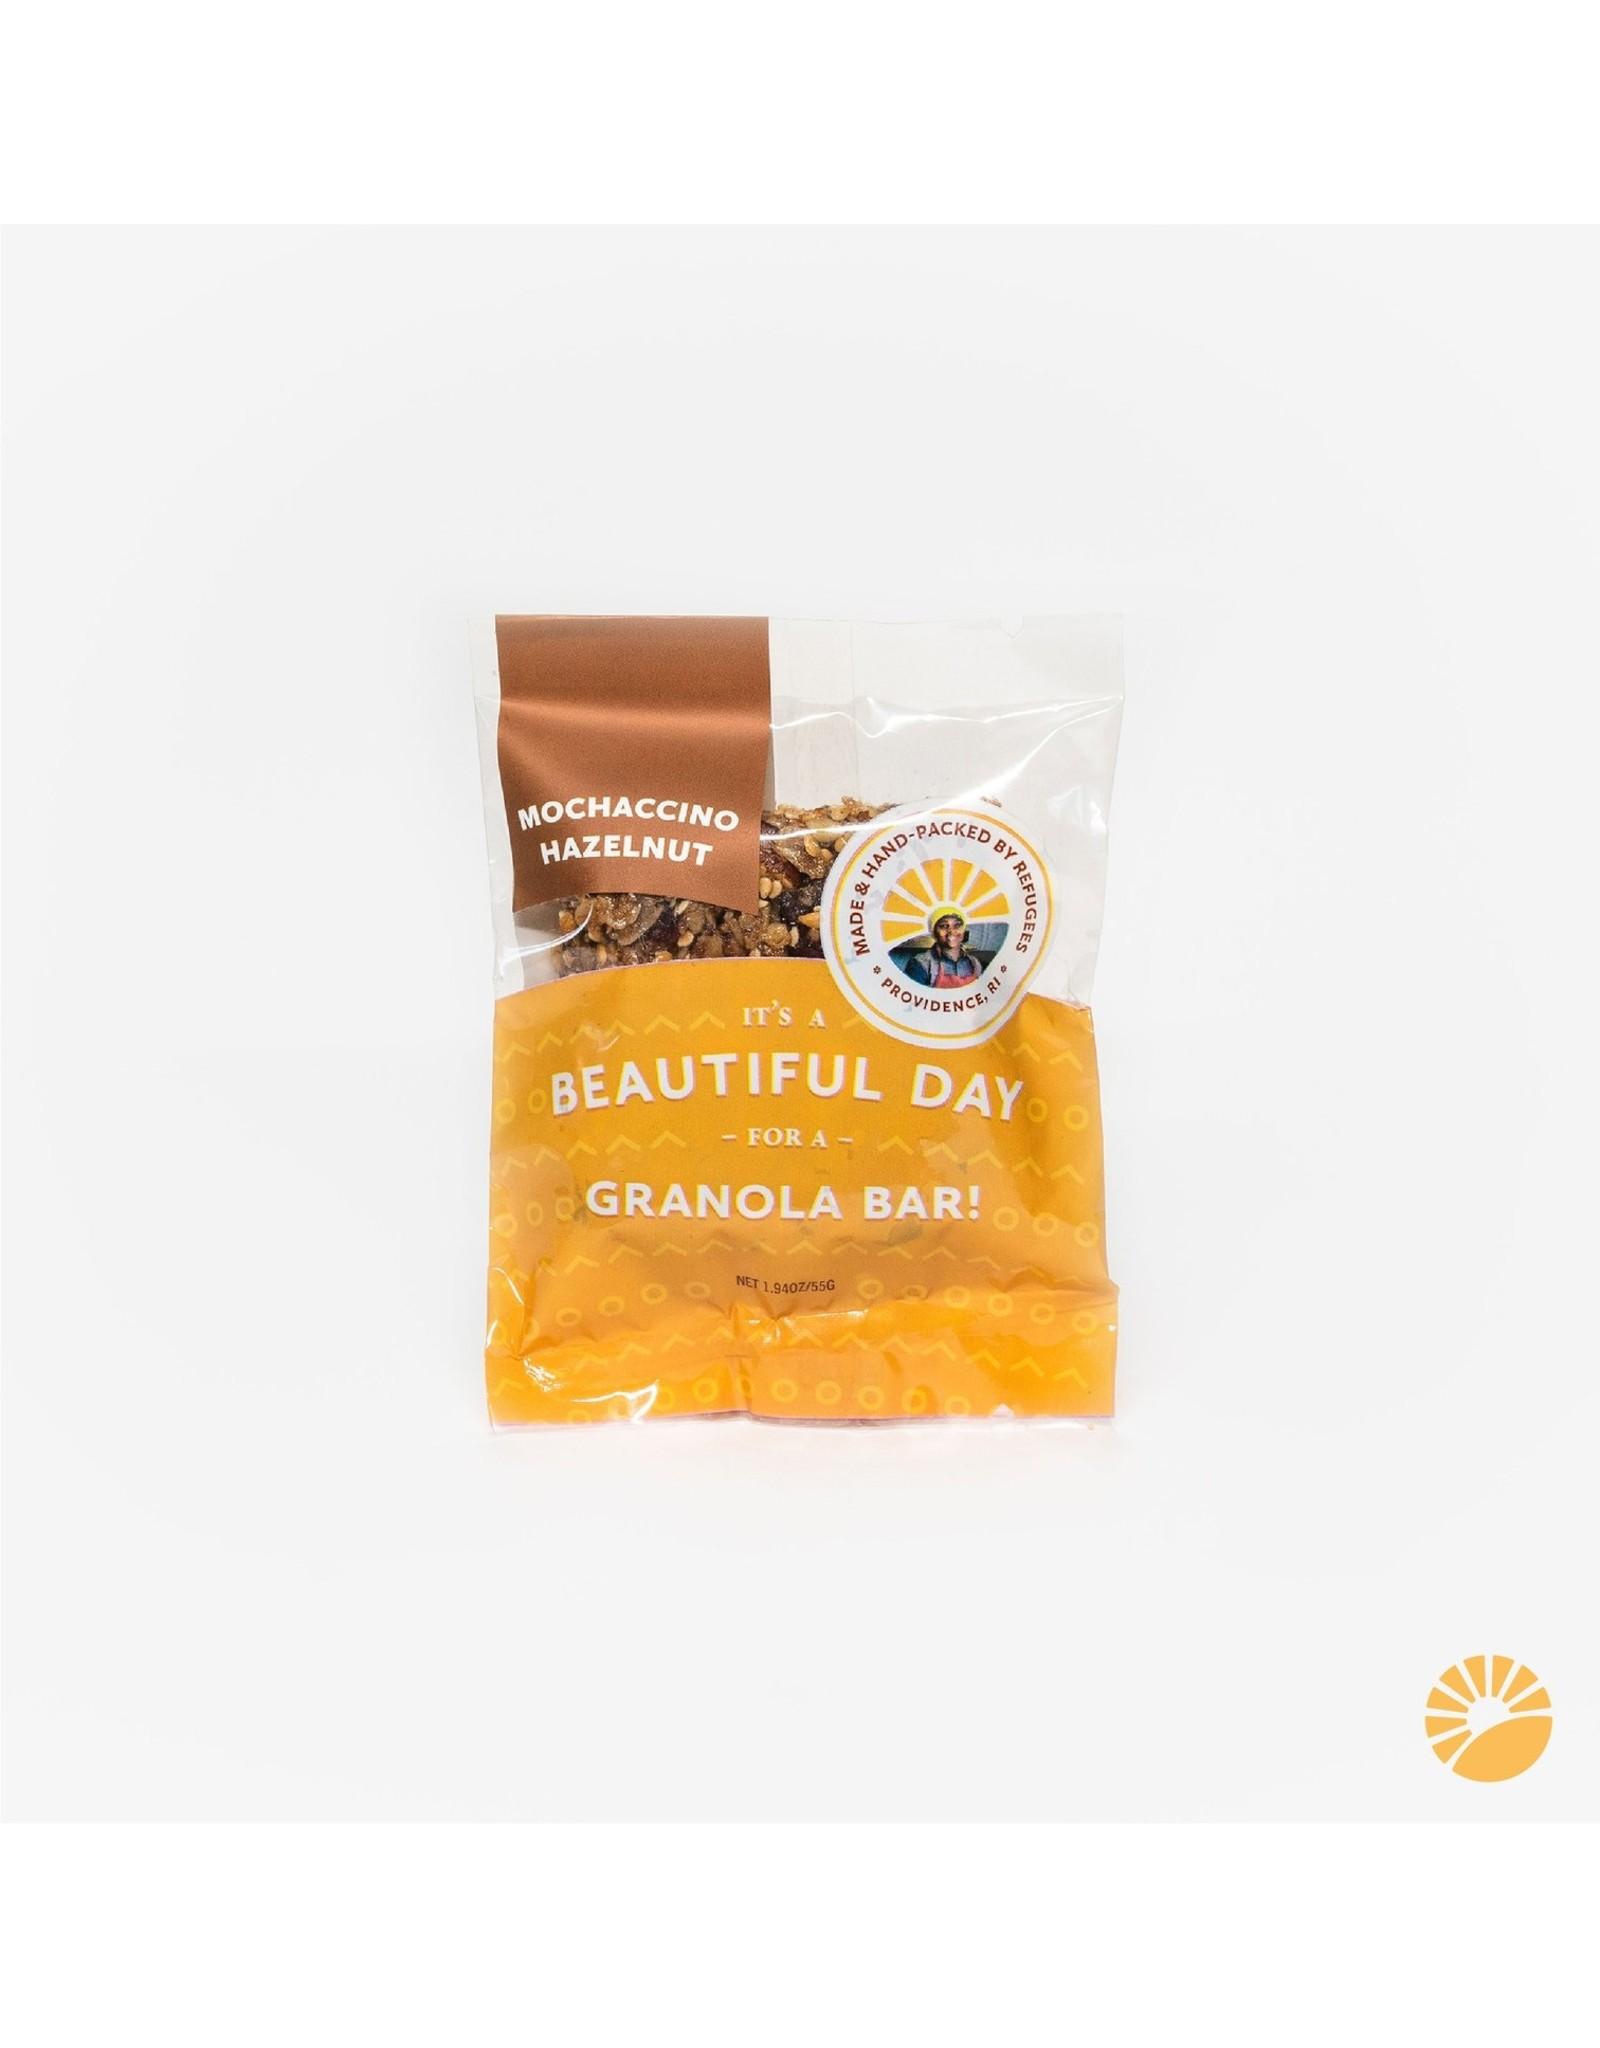 Beautiful Day Beautiful Day Granola Bar (Mochaccino Hazelnut) (Non-Vegan)